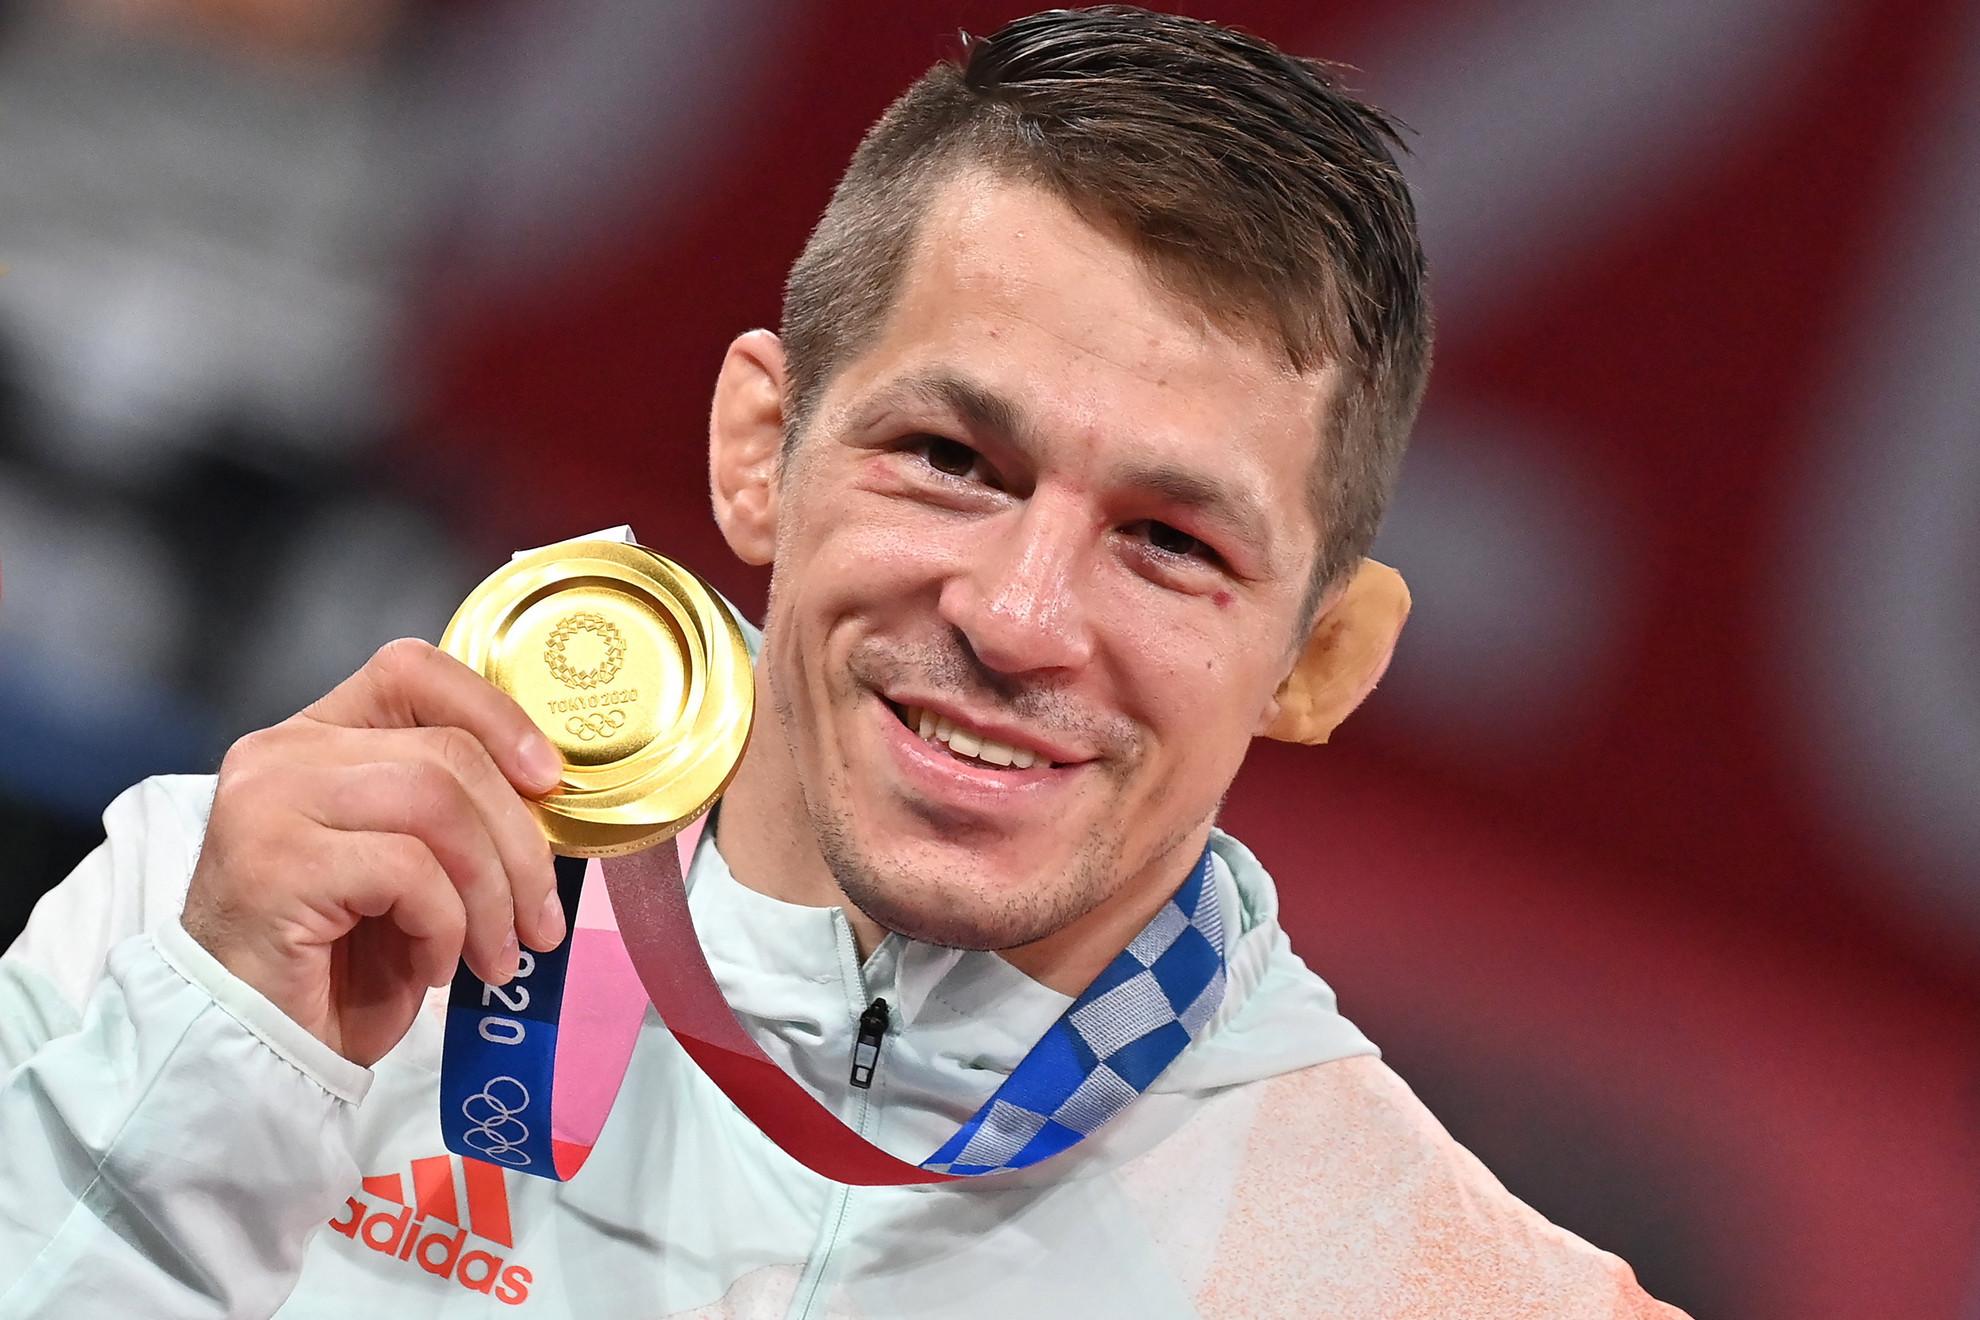 Az aranyérmes Lőrincz Tamás a férfi kötöttfogású birkózók 77 kilogrammos kategóriájának eredményhirdetésén a világméretű koronavírus-járvány miatt 2021-re halasztott 2020-as tokiói nyári olimpián a Makuhari Rendezvényközpontban 2021. augusztus 3-án